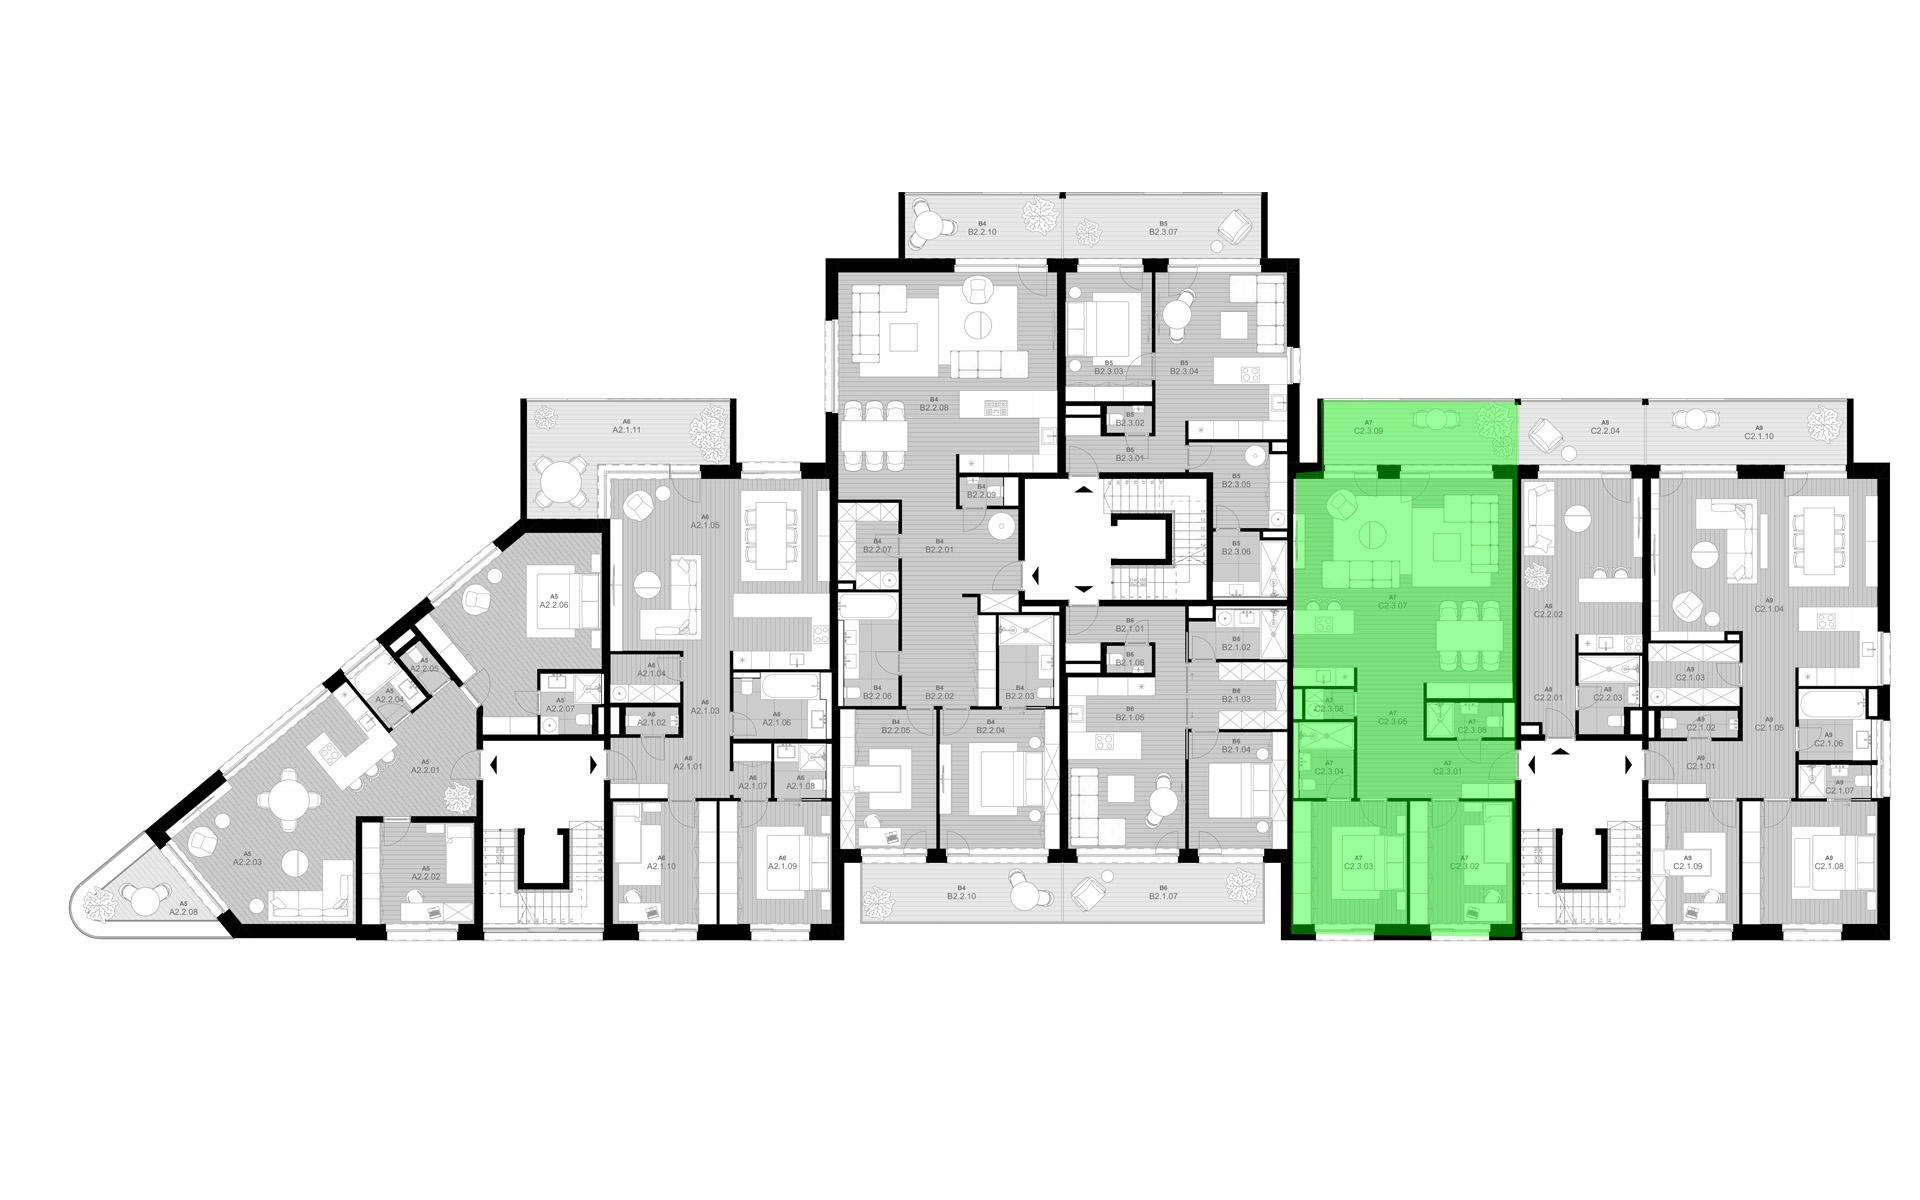 rezidencia K Železnej Studienke - pôdorys so zvýraznením apartmánu C3.2